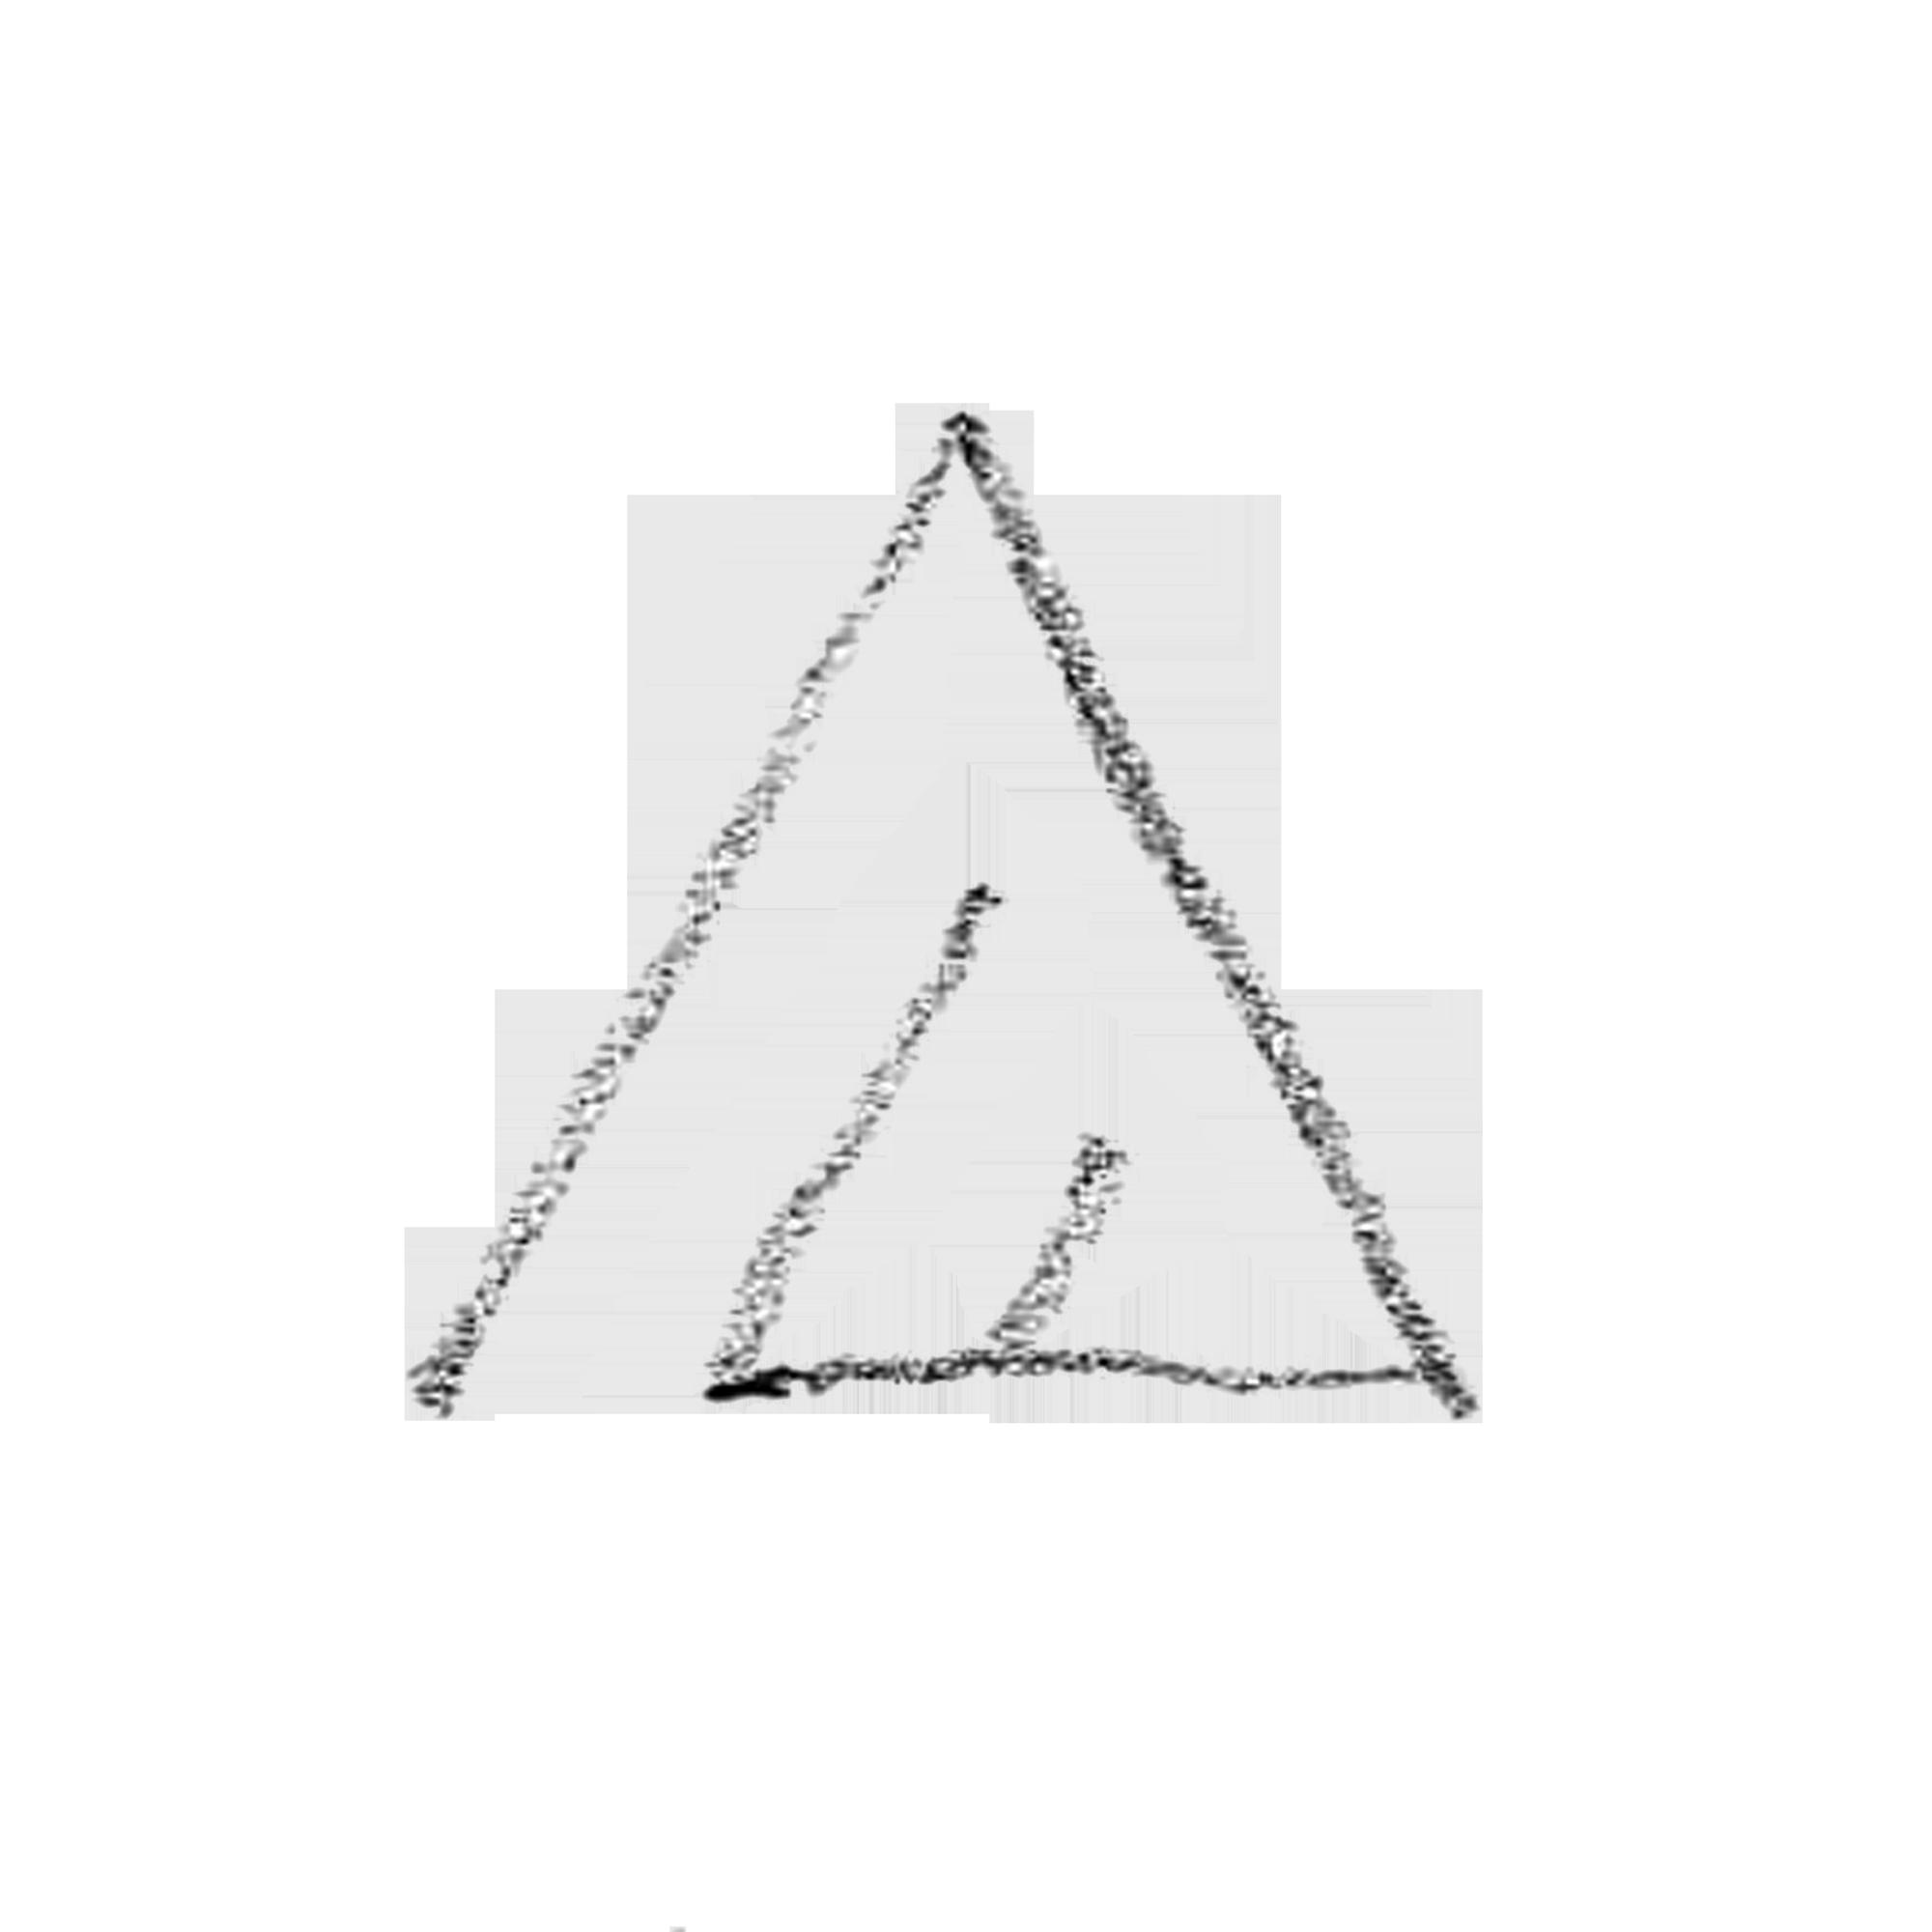 d-00.02-portfolio-alporium-brand-sketches-1.png